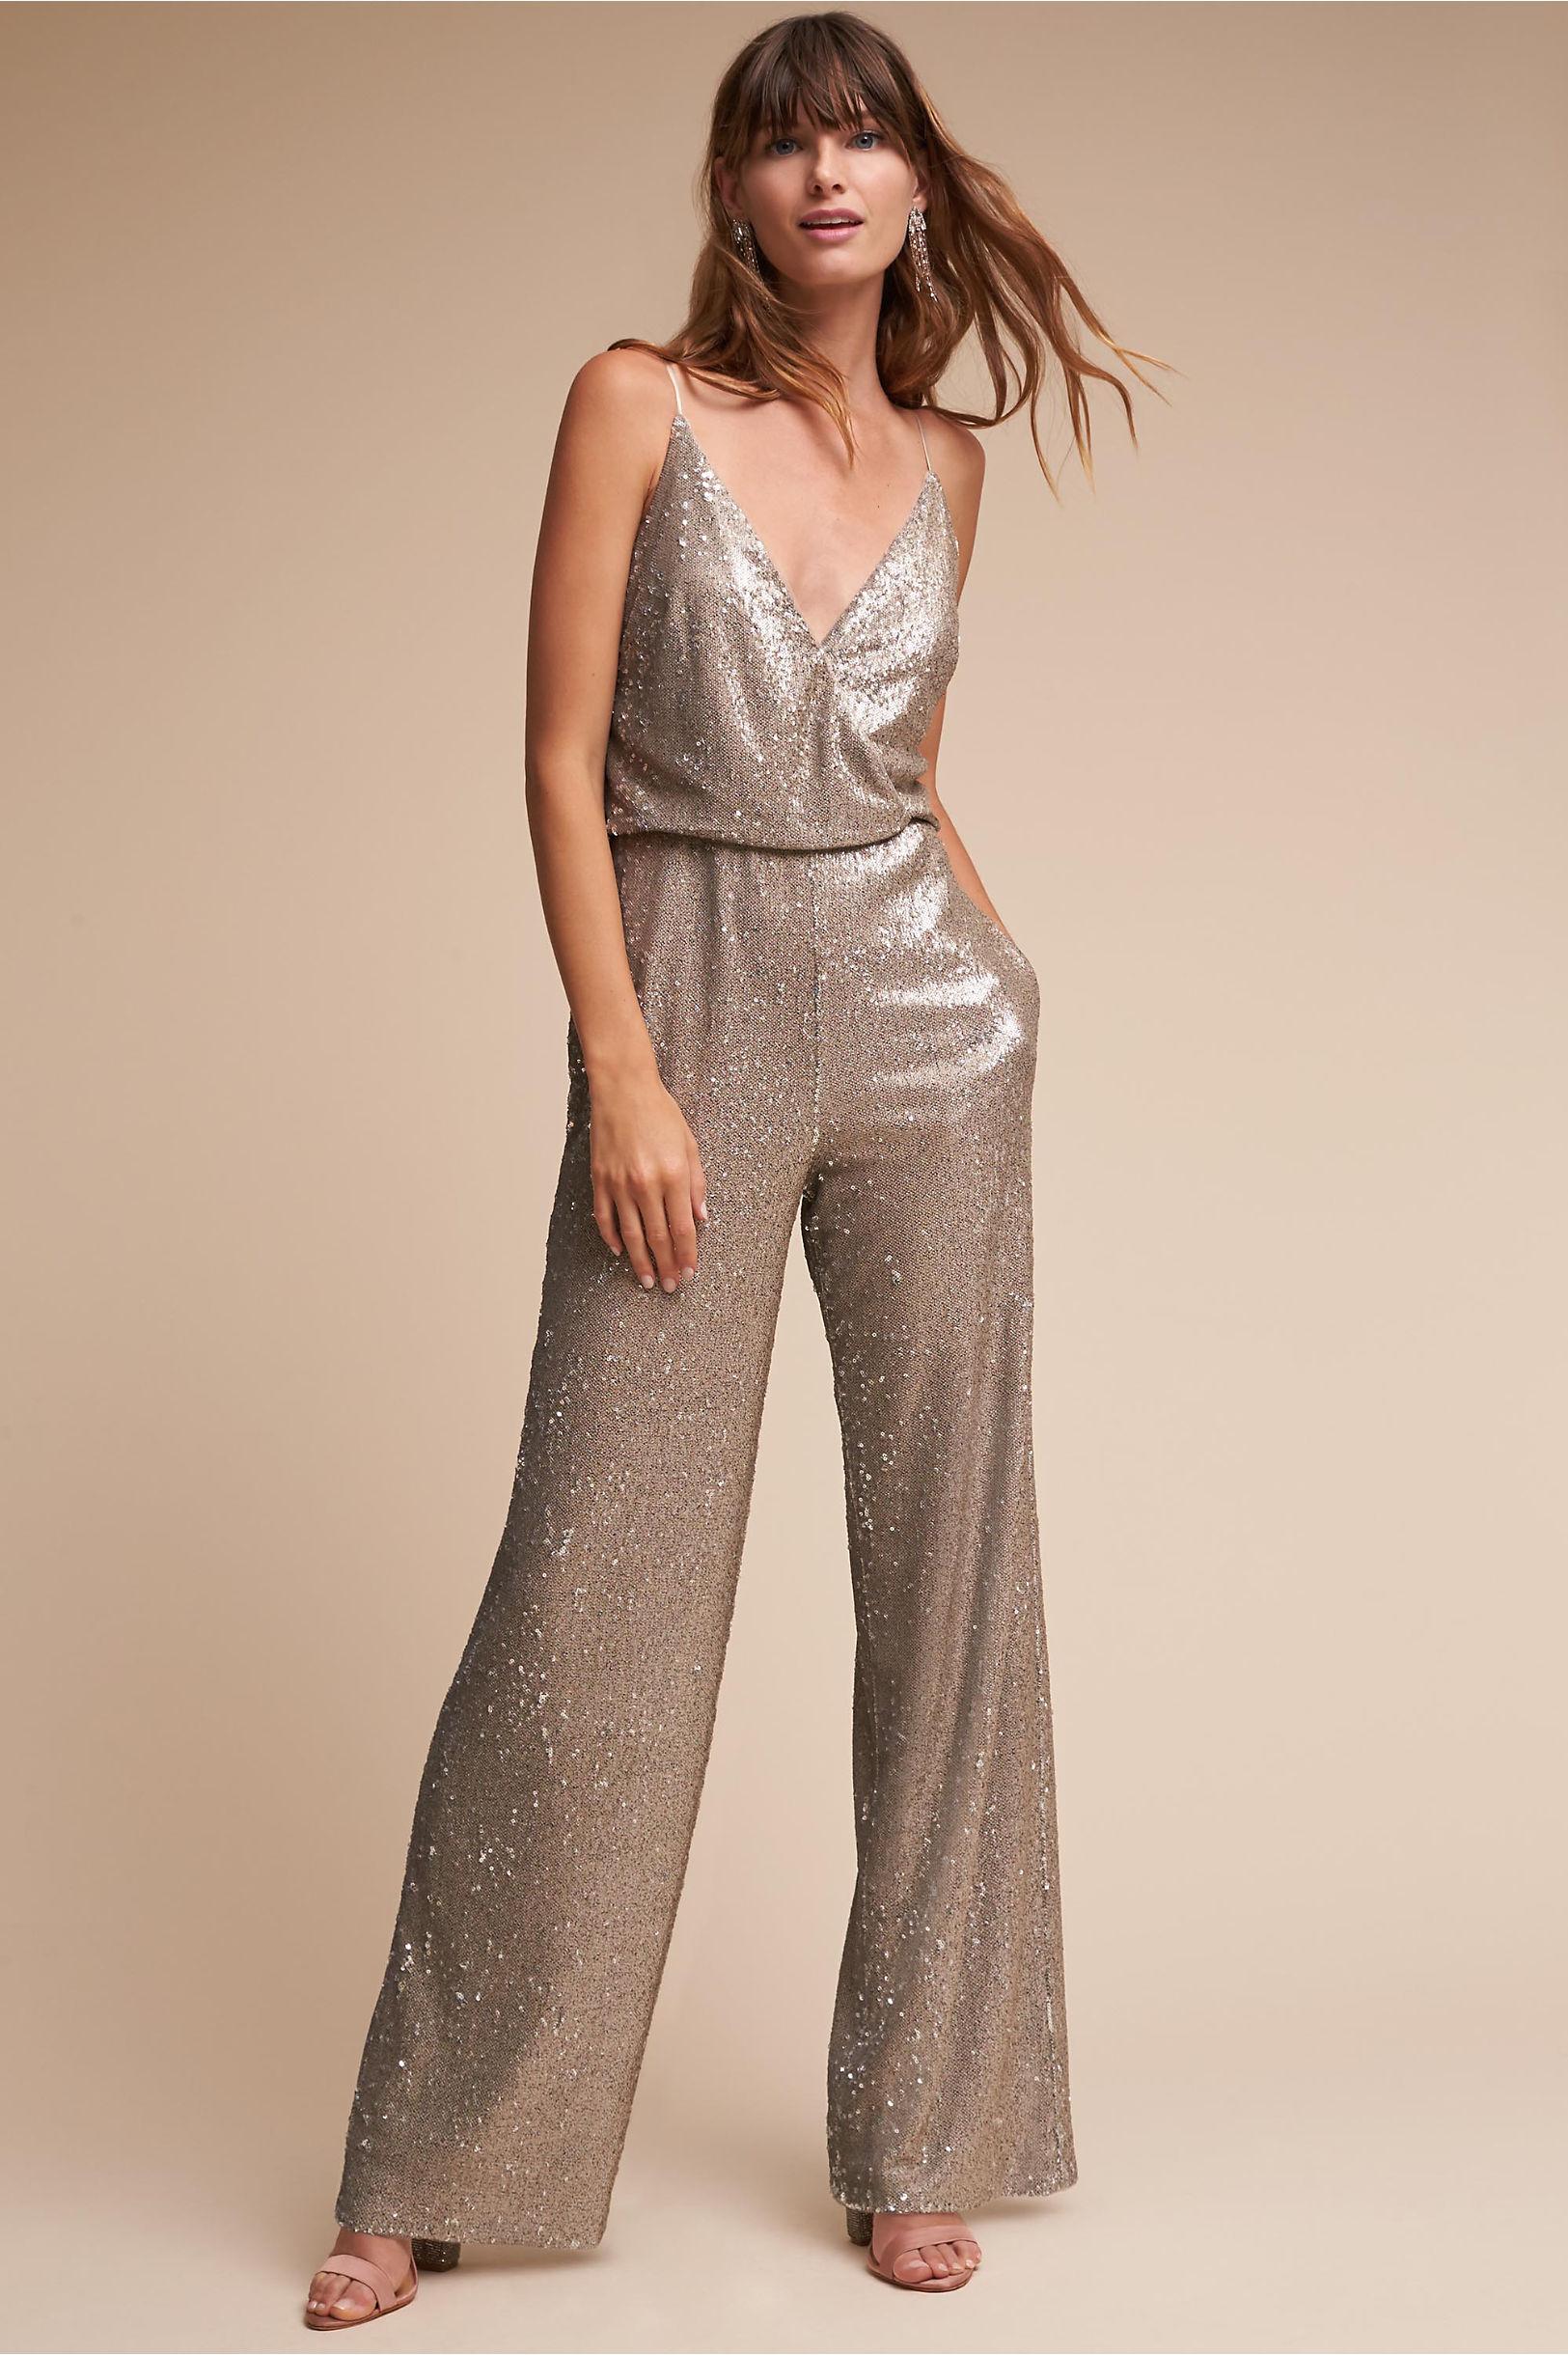 BHLDN La Lune Sequin Jumpsuit for brides who love a little sparkle!